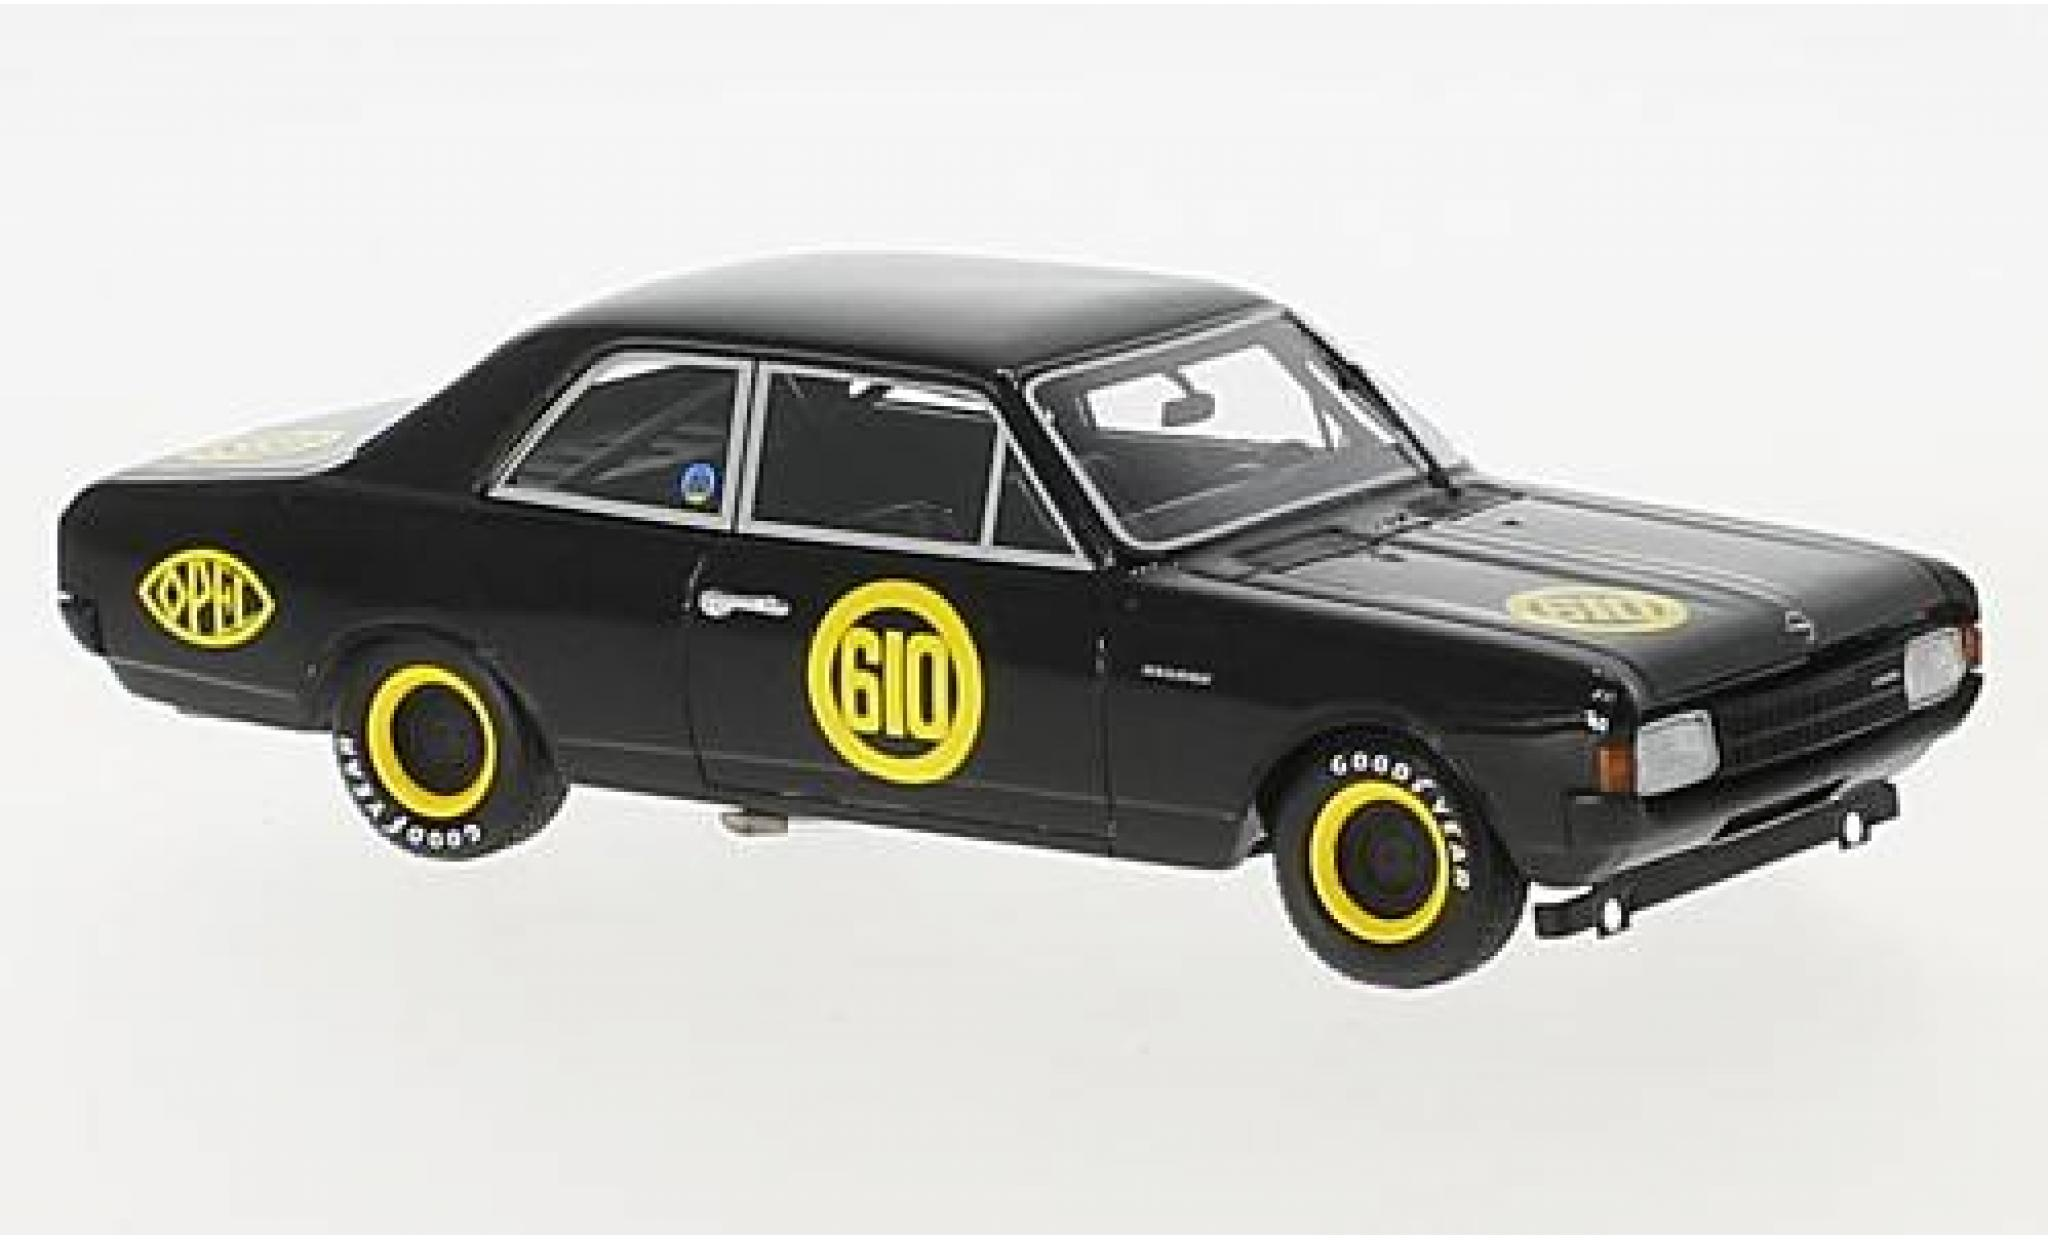 Opel Rekord 1/43 Minichamps 1900 No.610 Hockenheim 1968 Schwarze Witwe E.Bitter